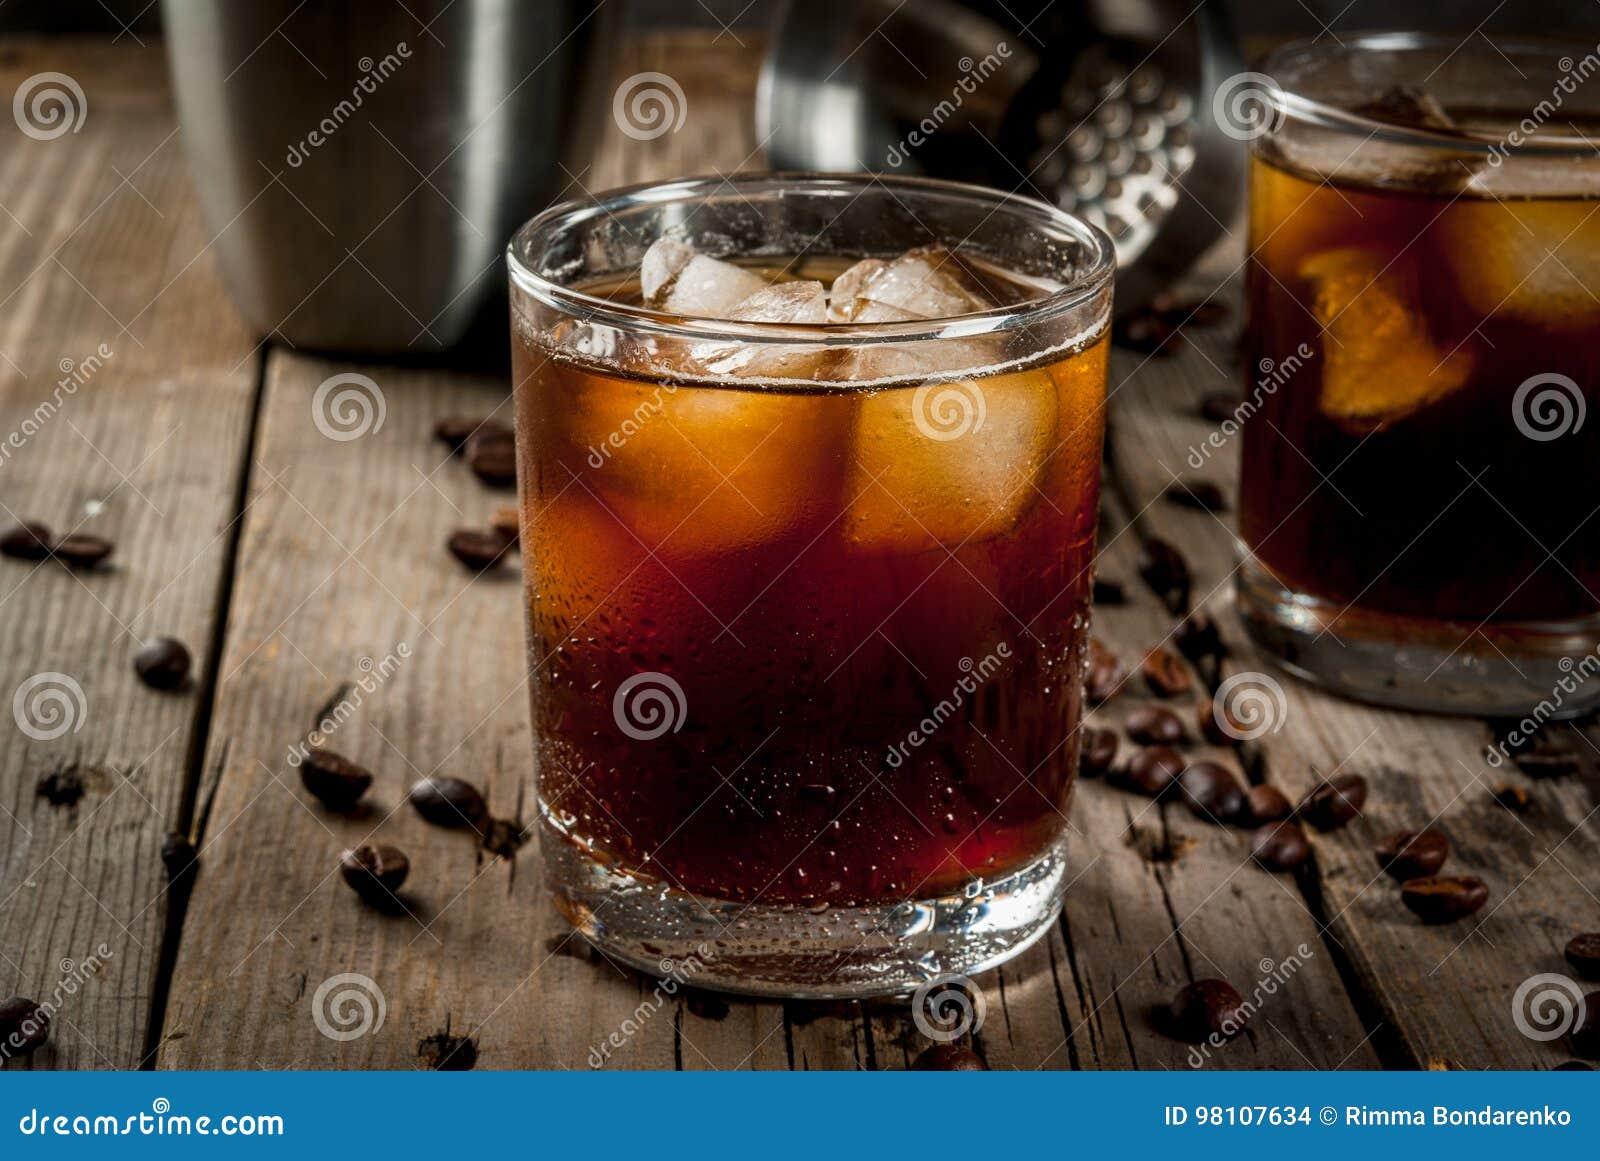 Schwarzes Russisches Cocktail Mit Wodka- Und Kaffeealkohol Stockfoto ...